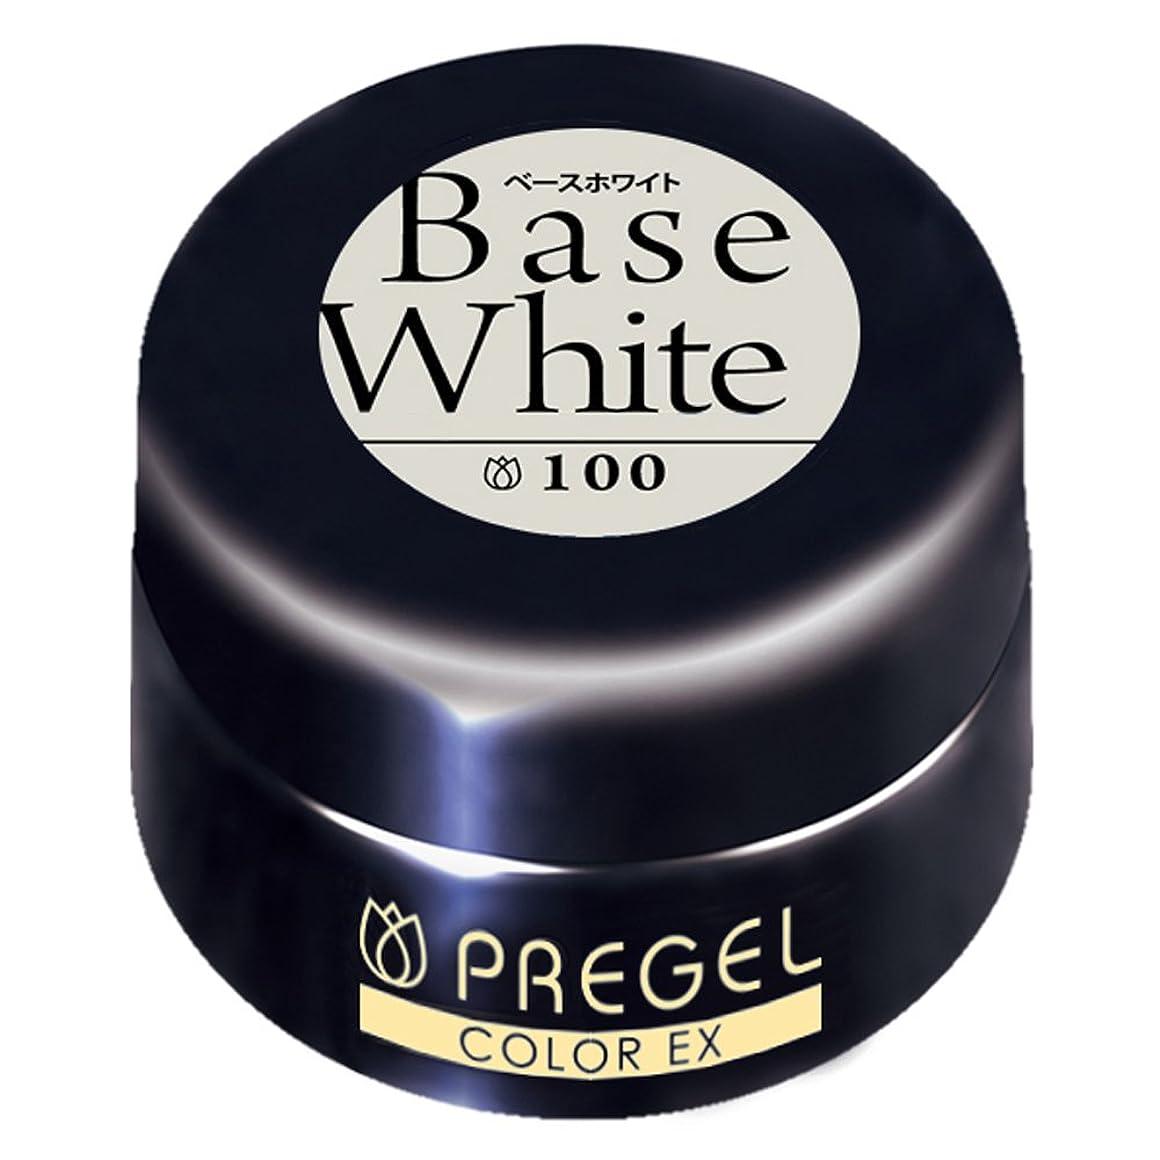 同化する第三腐食するプリジェル ジェルネイル プリジェル ジェルネイル カラーEX ベースホワイト100 4g カラージェル UV/LED対応